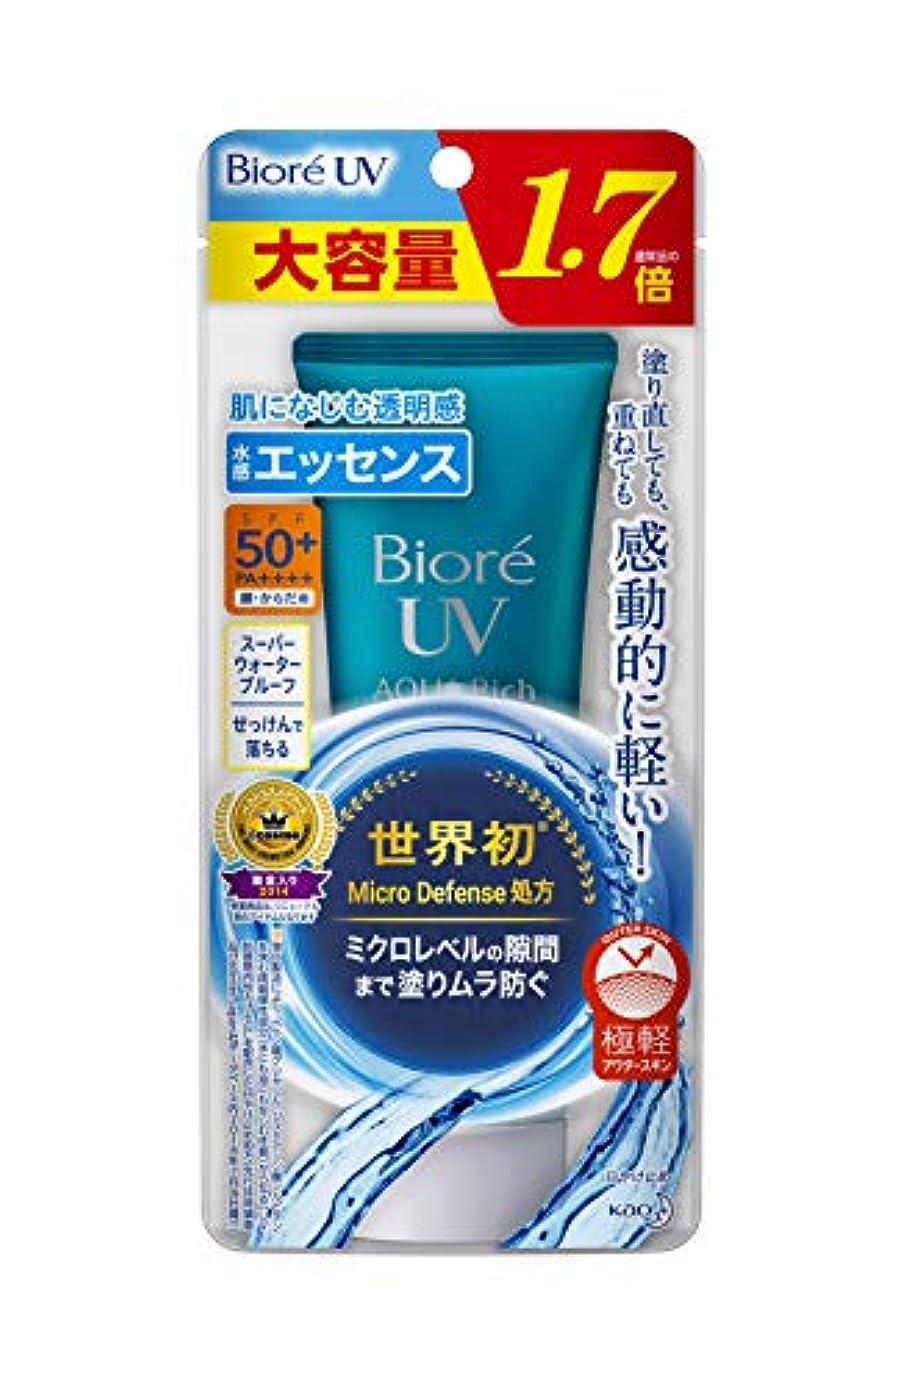 一般的に手荷物甘味【大容量】 ビオレUV アクアリッチ ウォータリエッセンス 85g (通常品の1.7倍) 日焼け止め SPF50+/PA++++